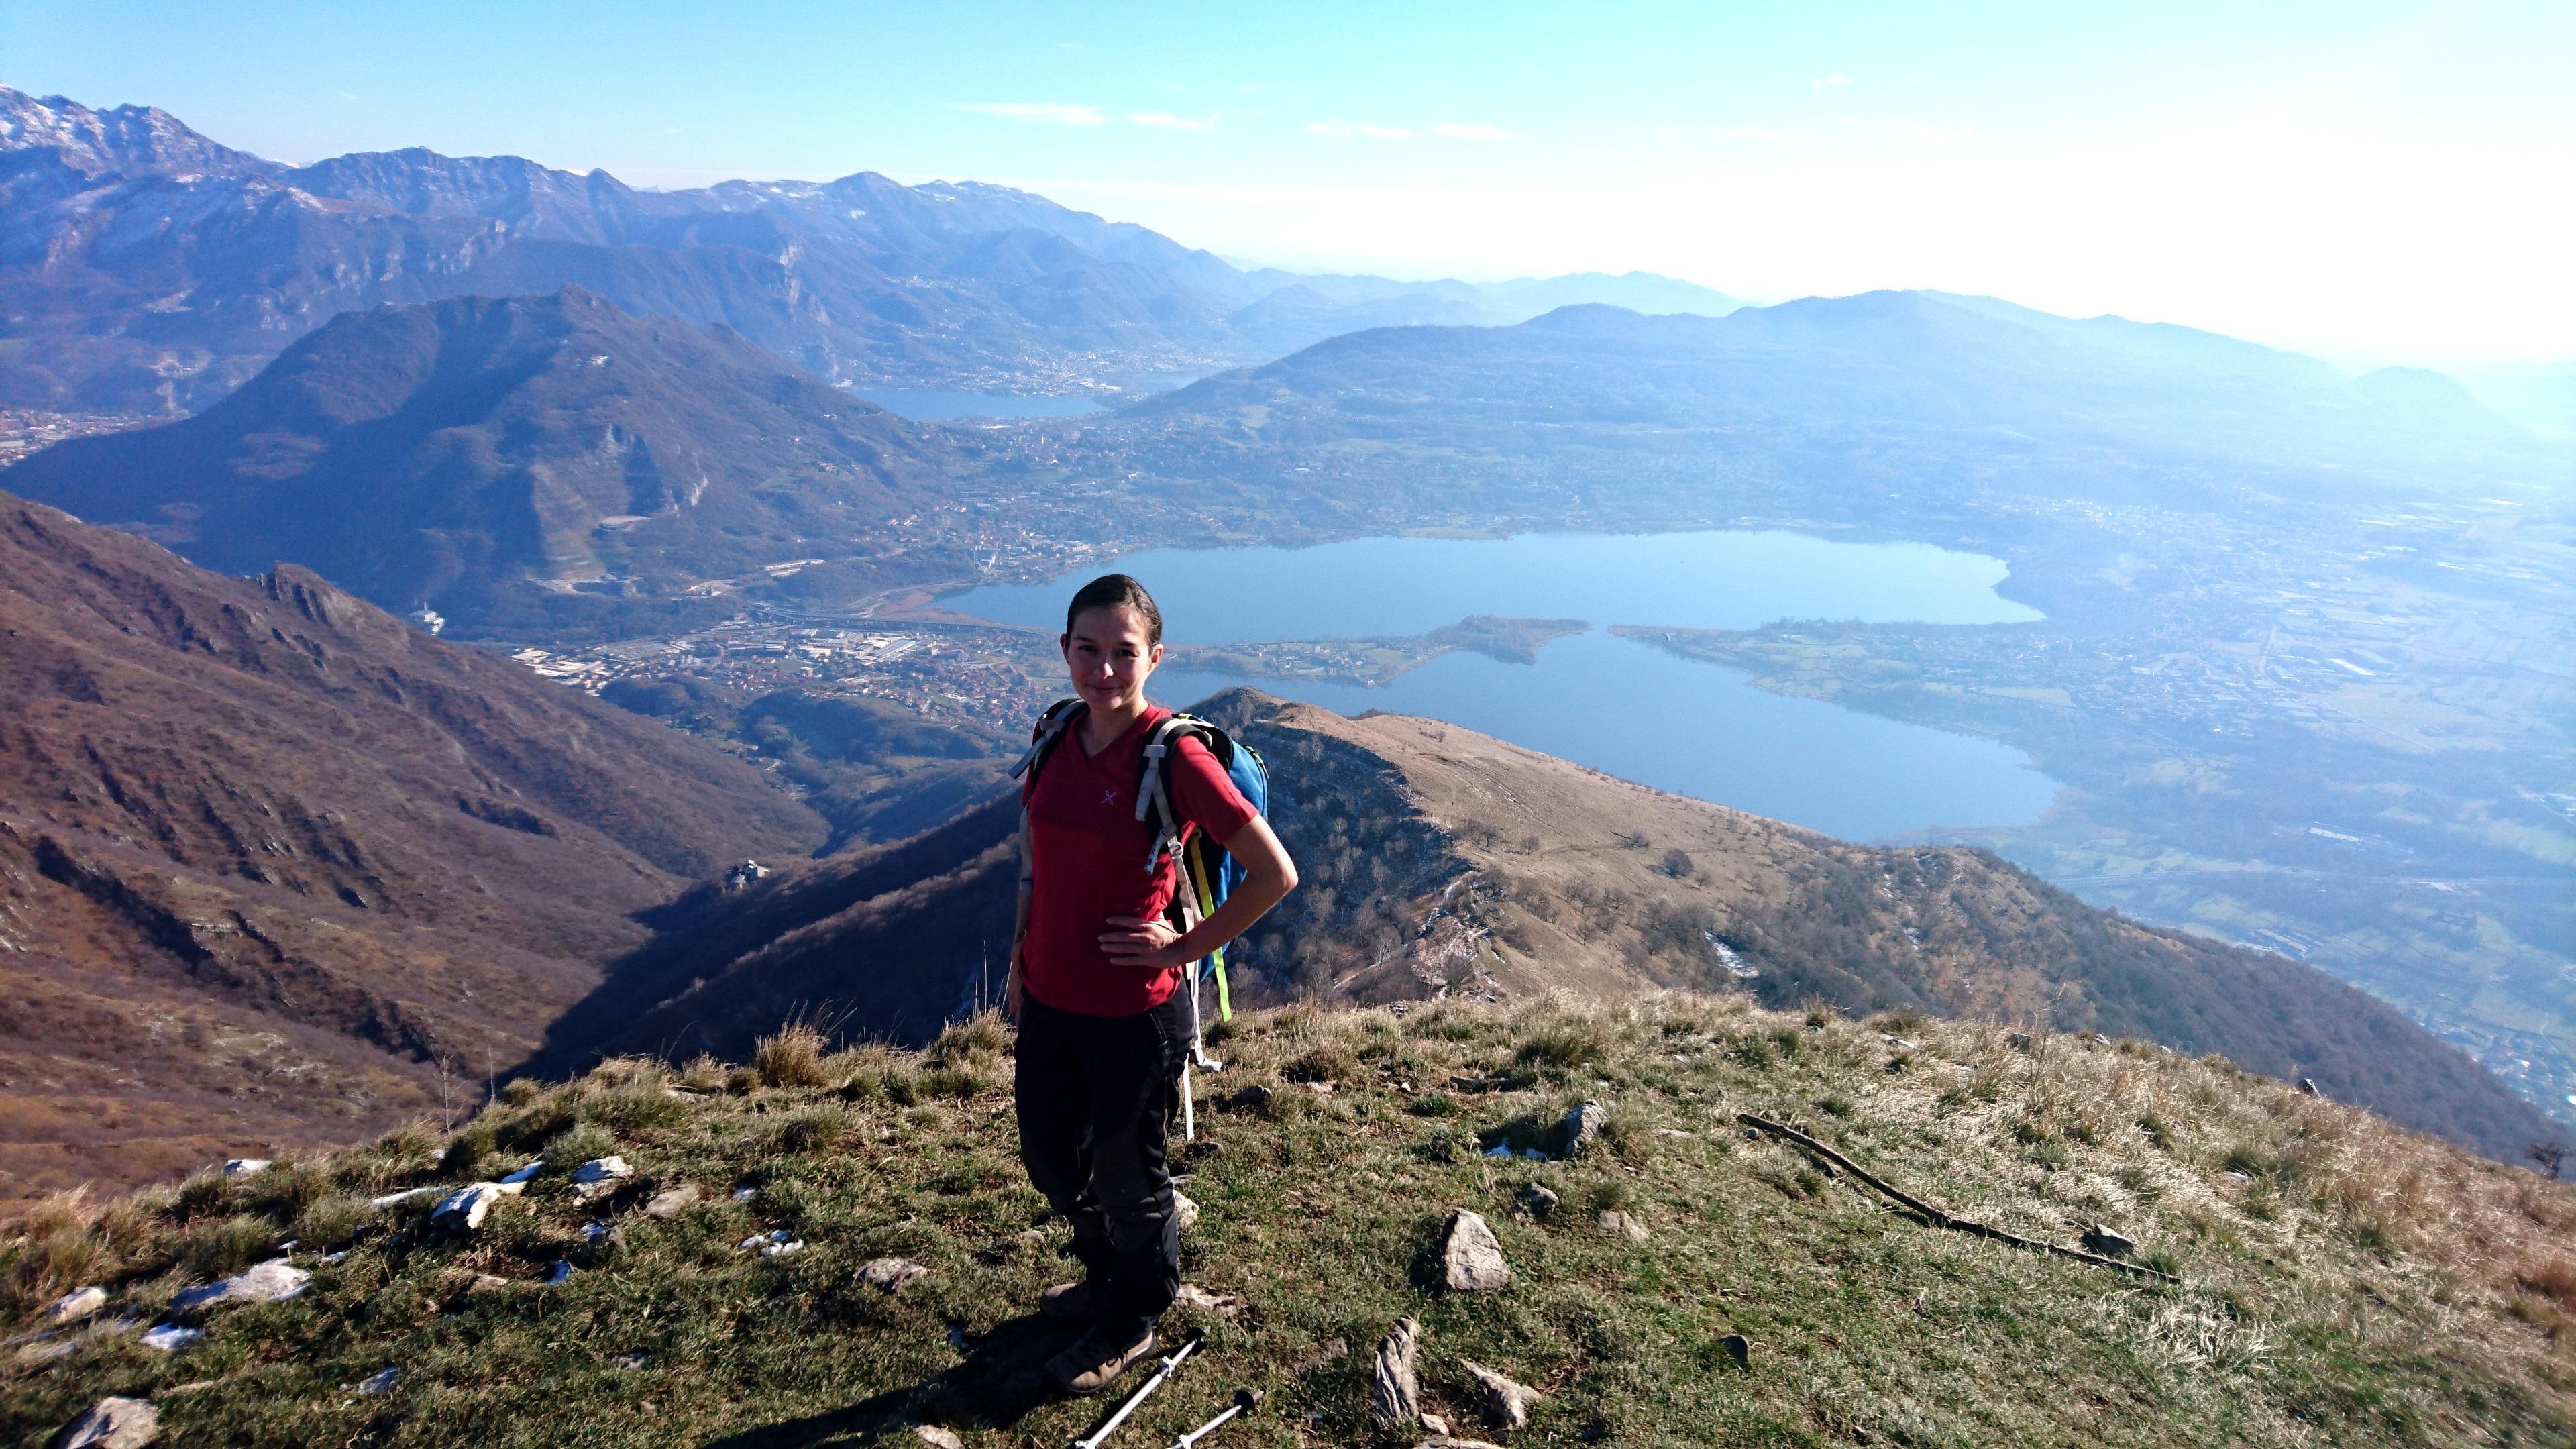 Dalla cima, guardando verso sud, si gode la vista verso i laghi Annone e Garlate e verso la cima del Monte Barro